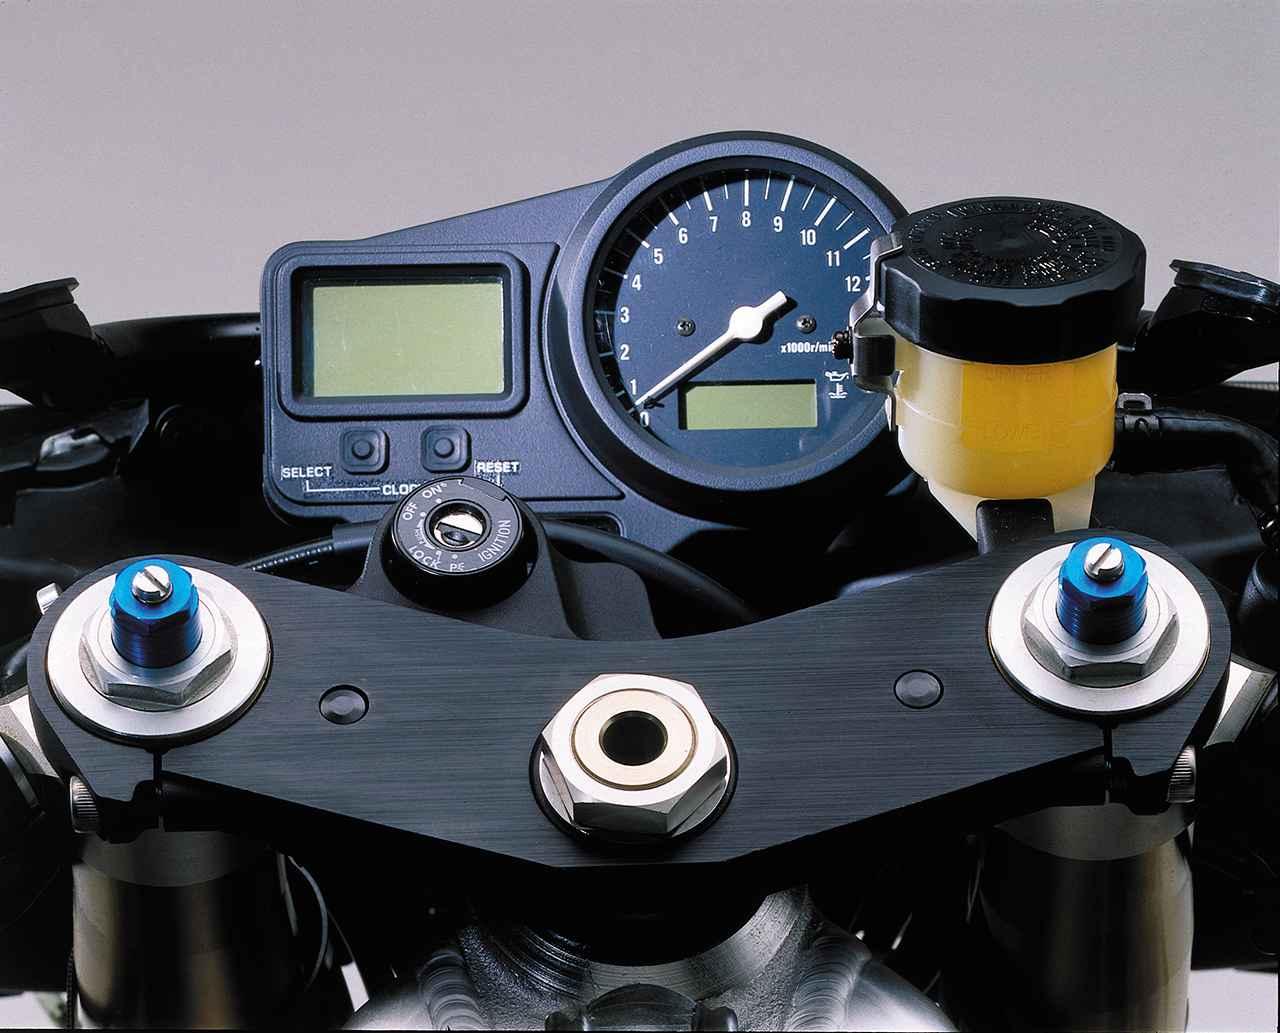 画像: アナログタコとデジタルメーターの組み合わせ。モニターにはスピード、走行可能距離、時計などを表示する。